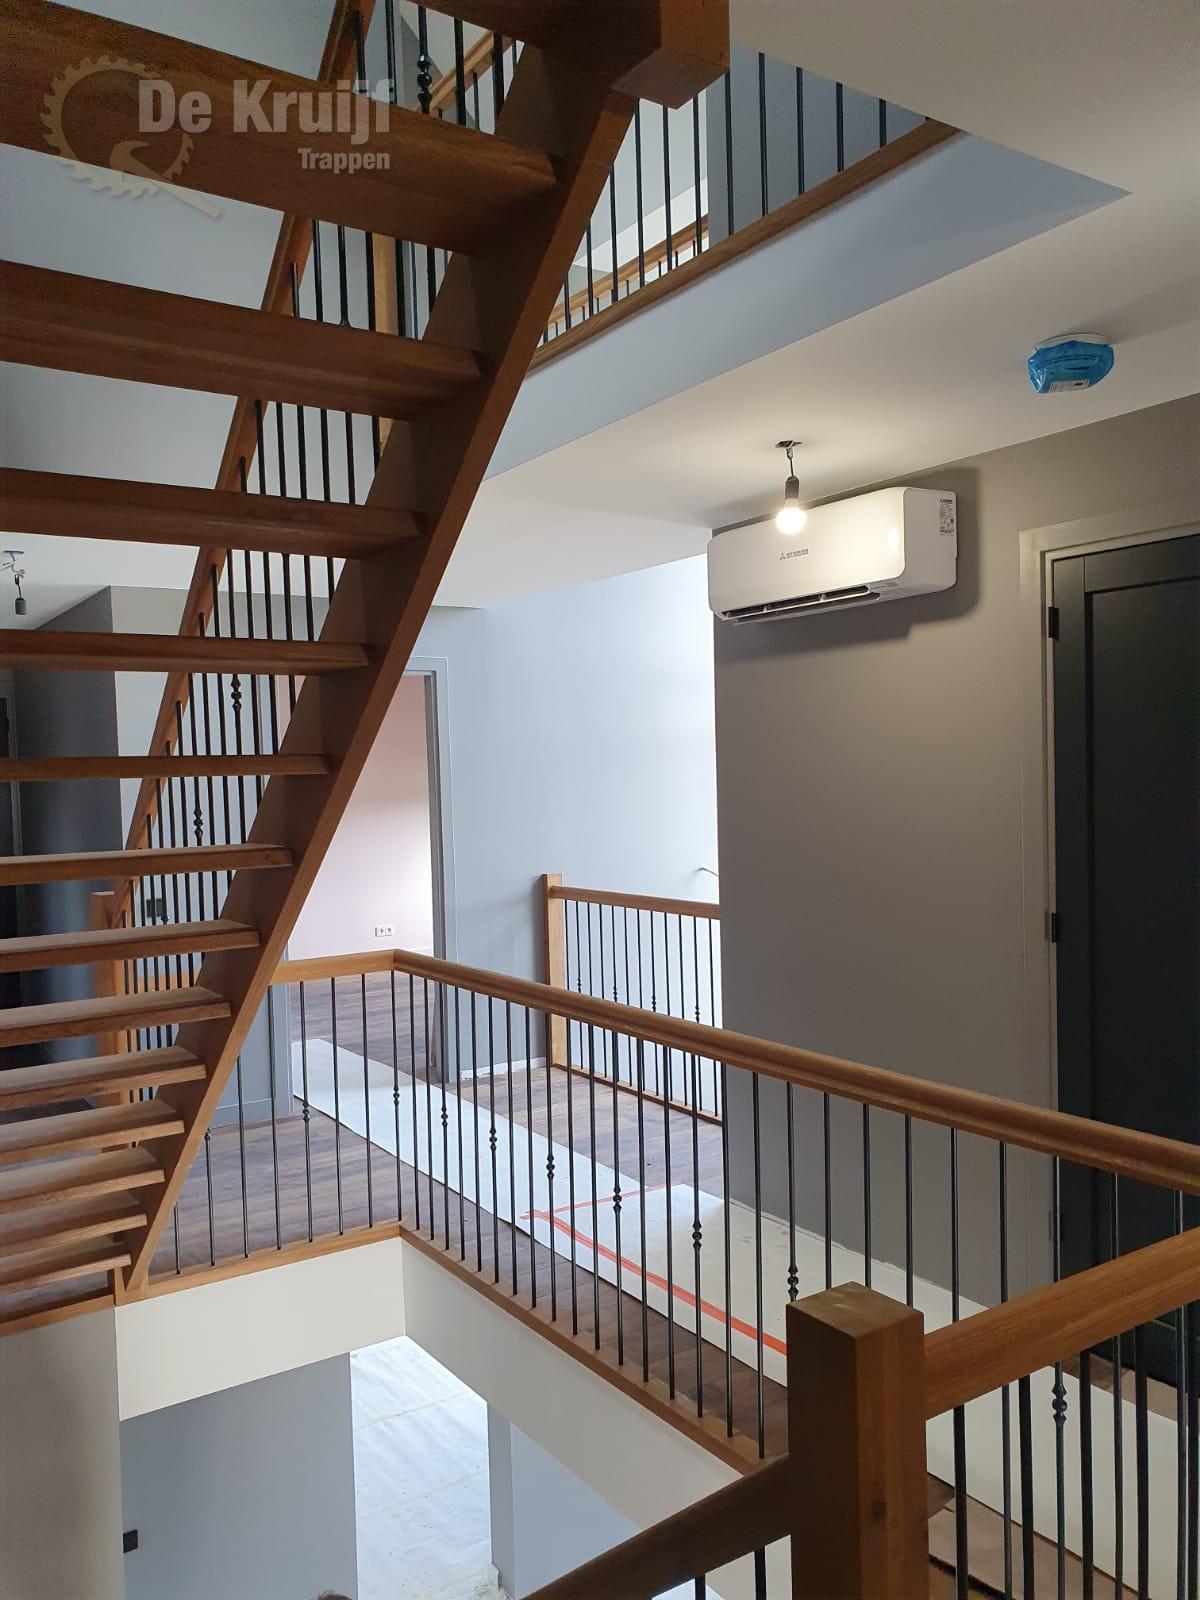 Bordestrappen in trappenhuis - Foto 3